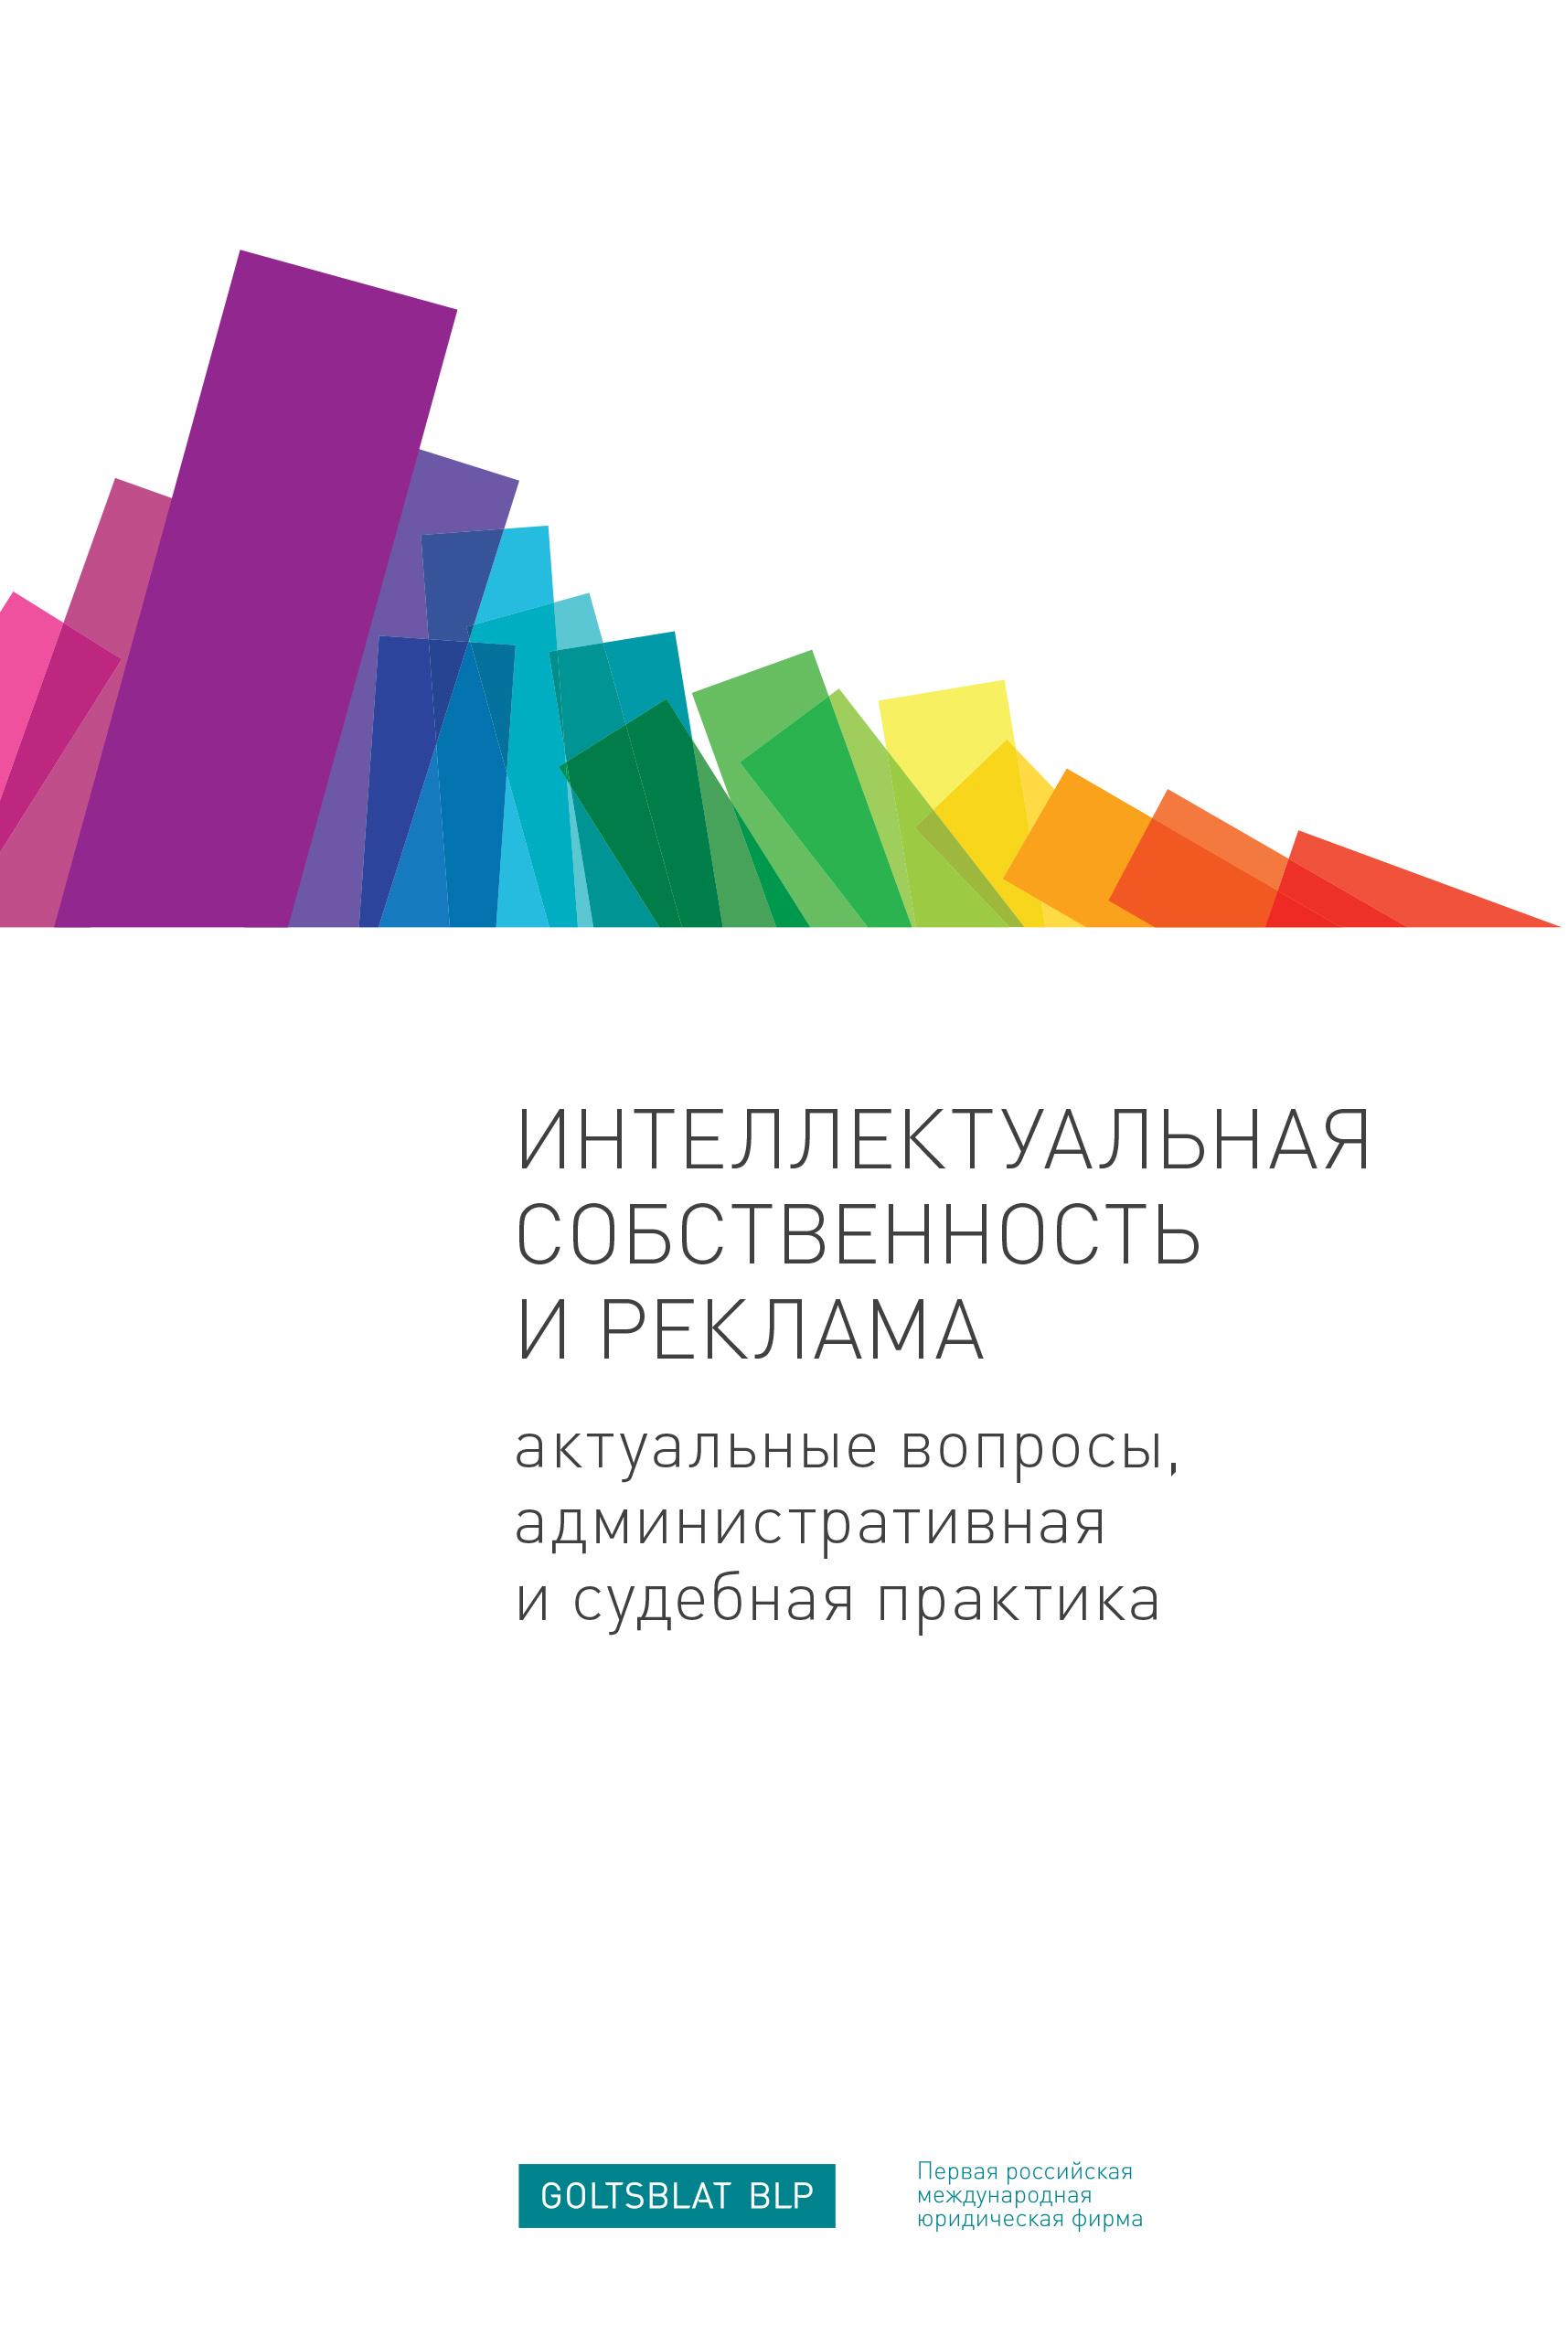 municipal partnership